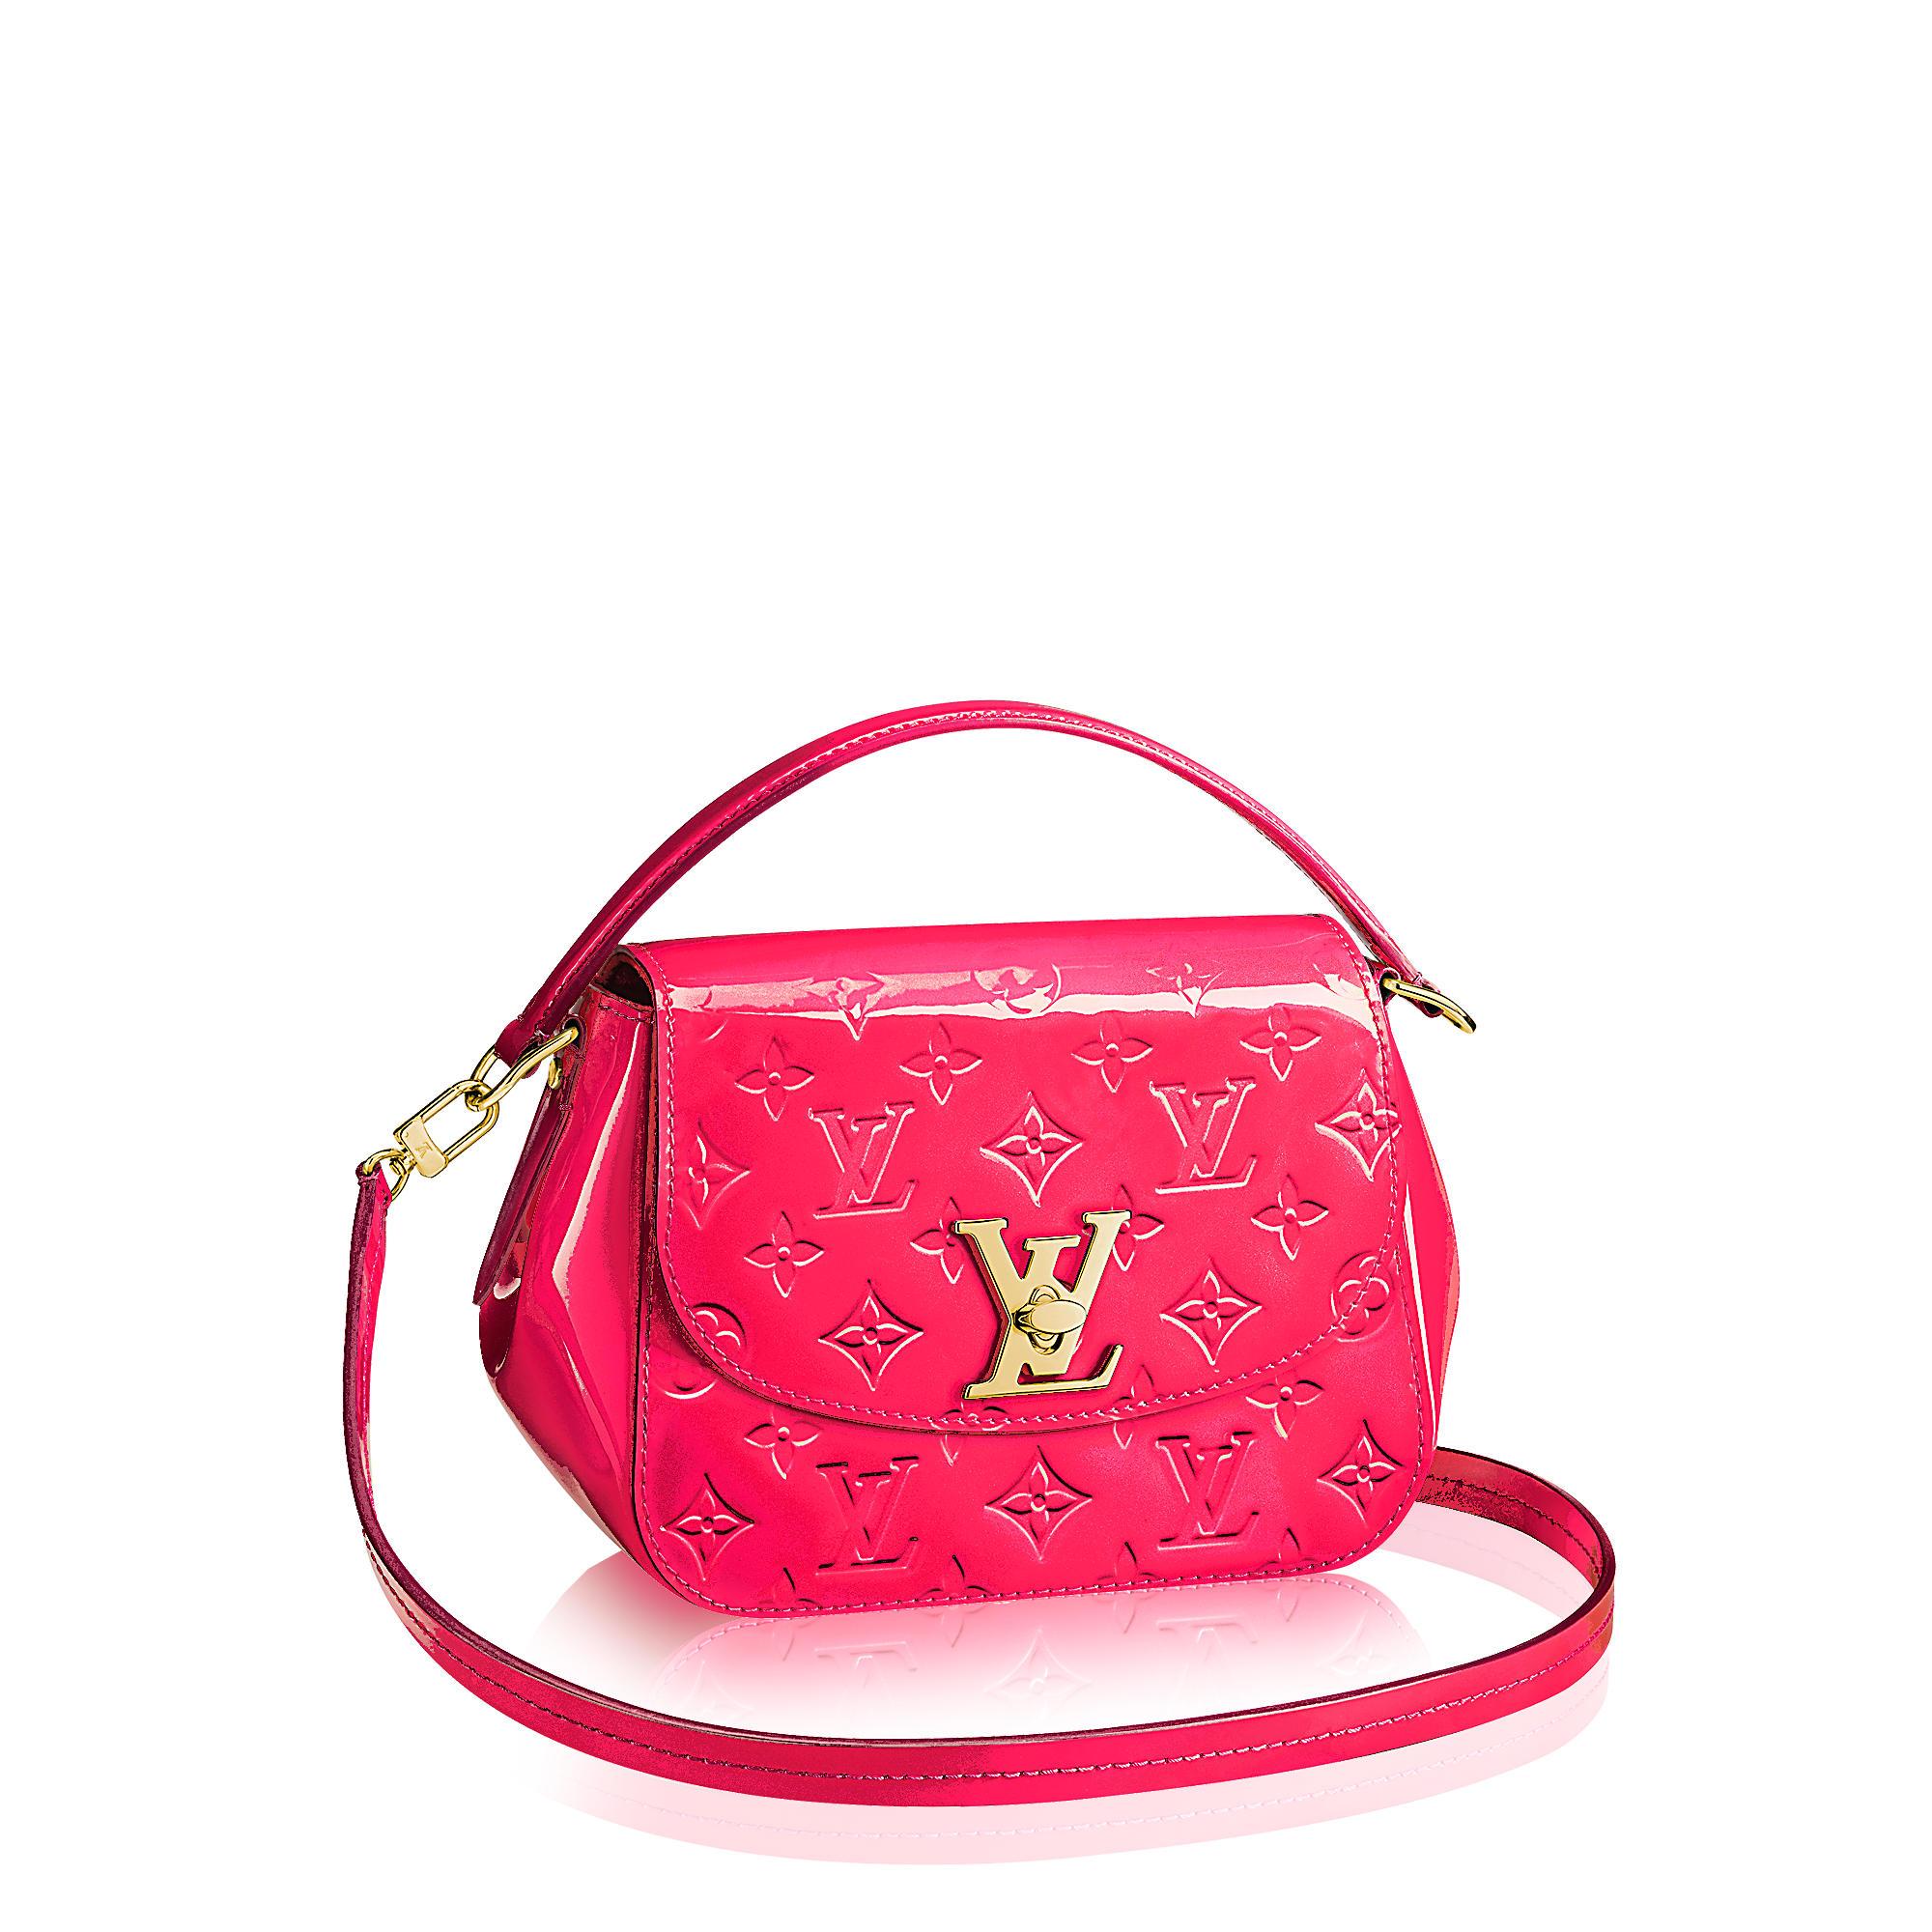 Đằng sau những chiếc túi xách nữ Louis Vuitton tiền tỉ